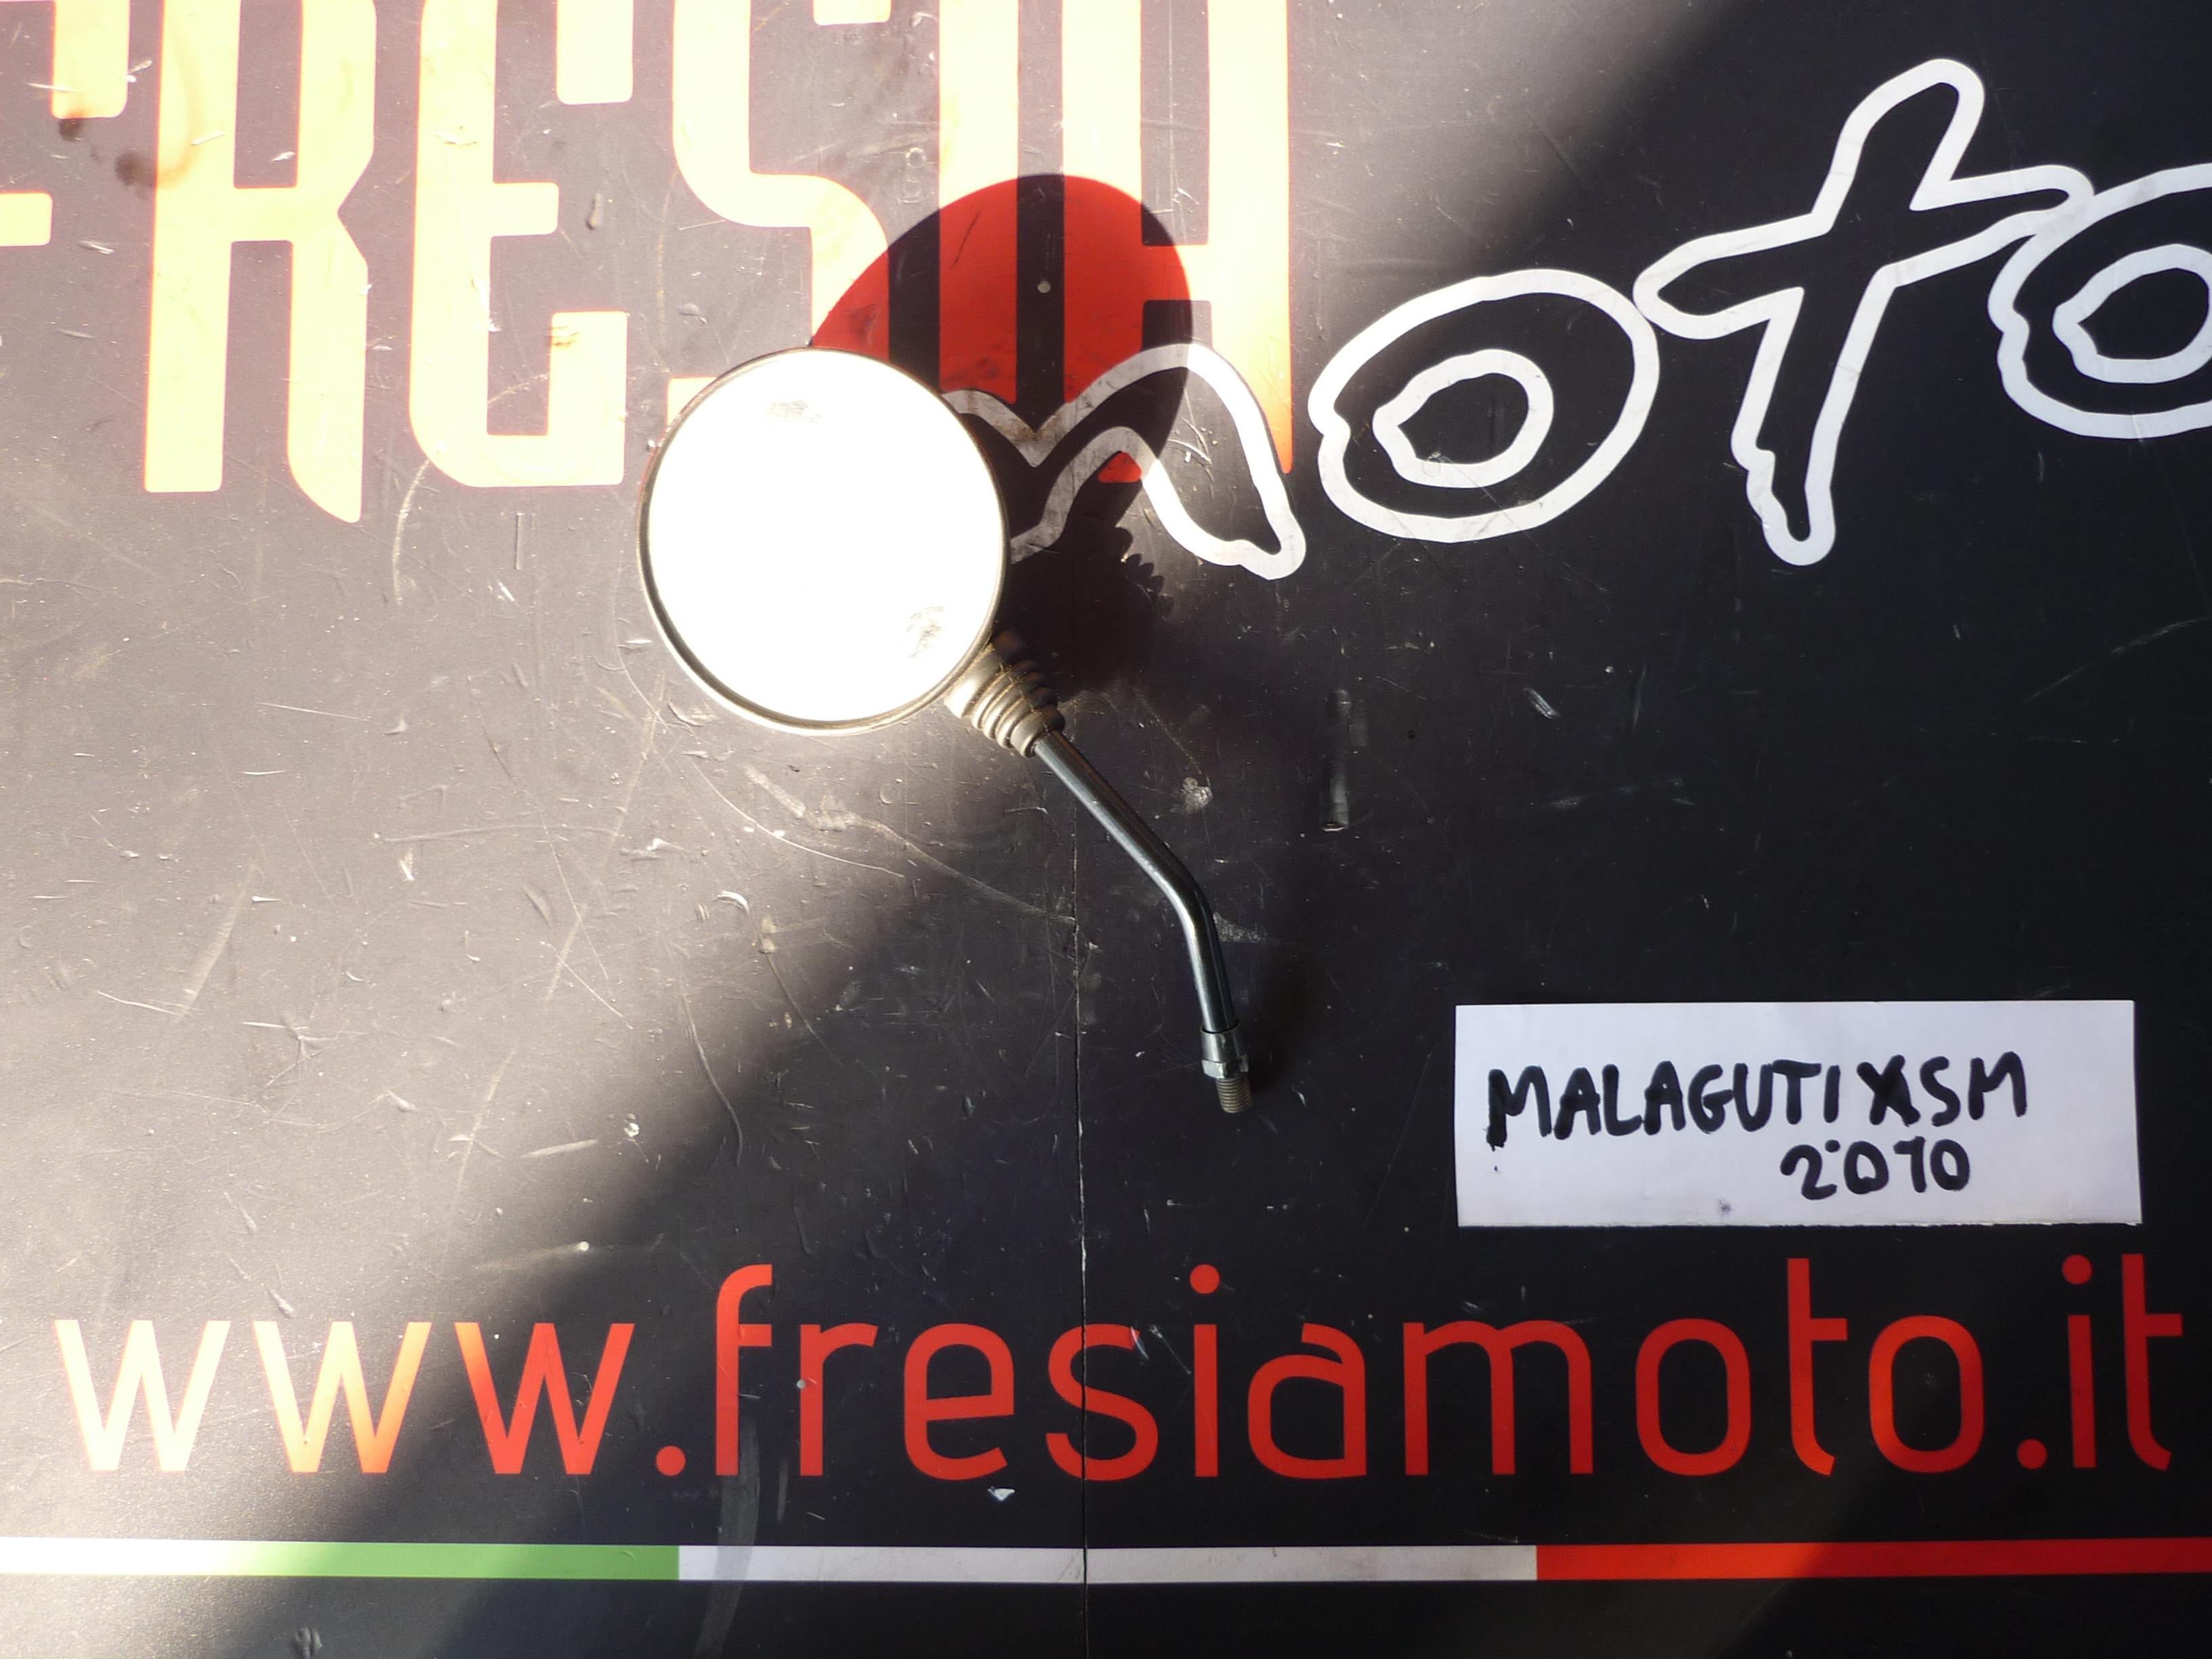 SPECCHIETTO SINISTRO USATO MALAGUTI XSM 50 ANNO 2010